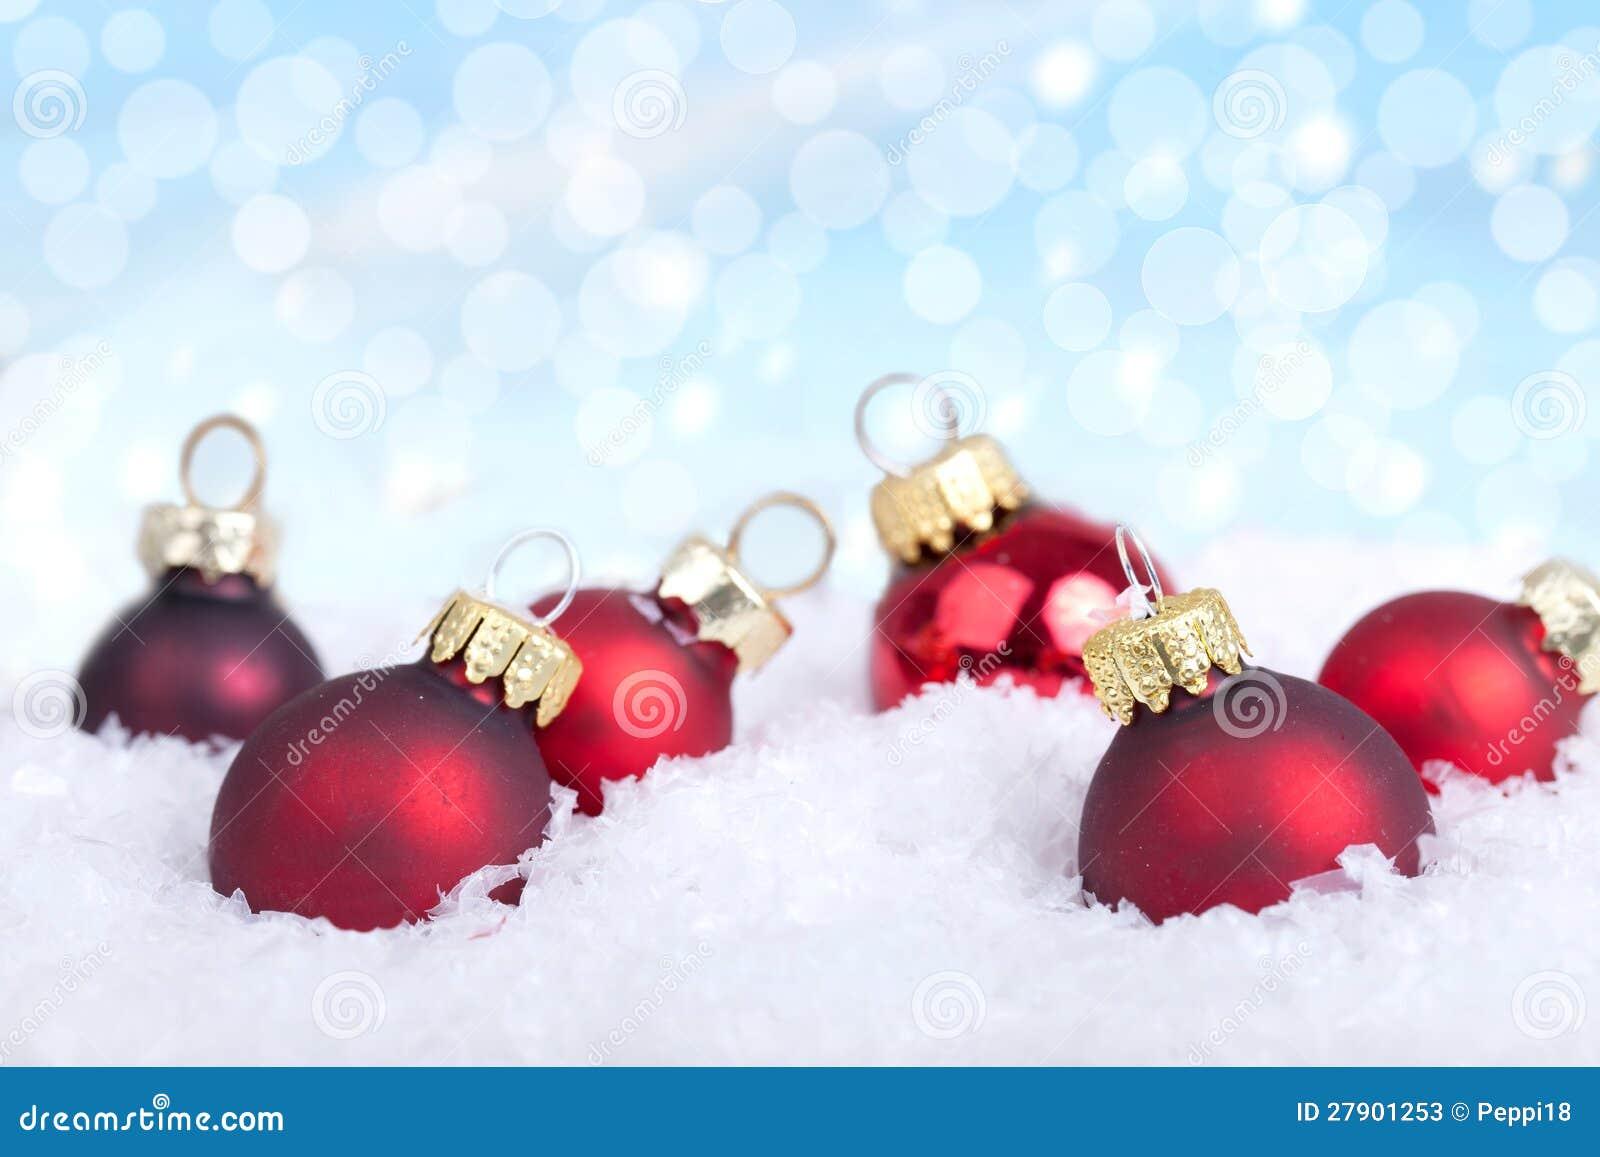 Rote weihnachtskugeln auf schnee stockbild bild 27901253 for Weihnachtskugeln bilder